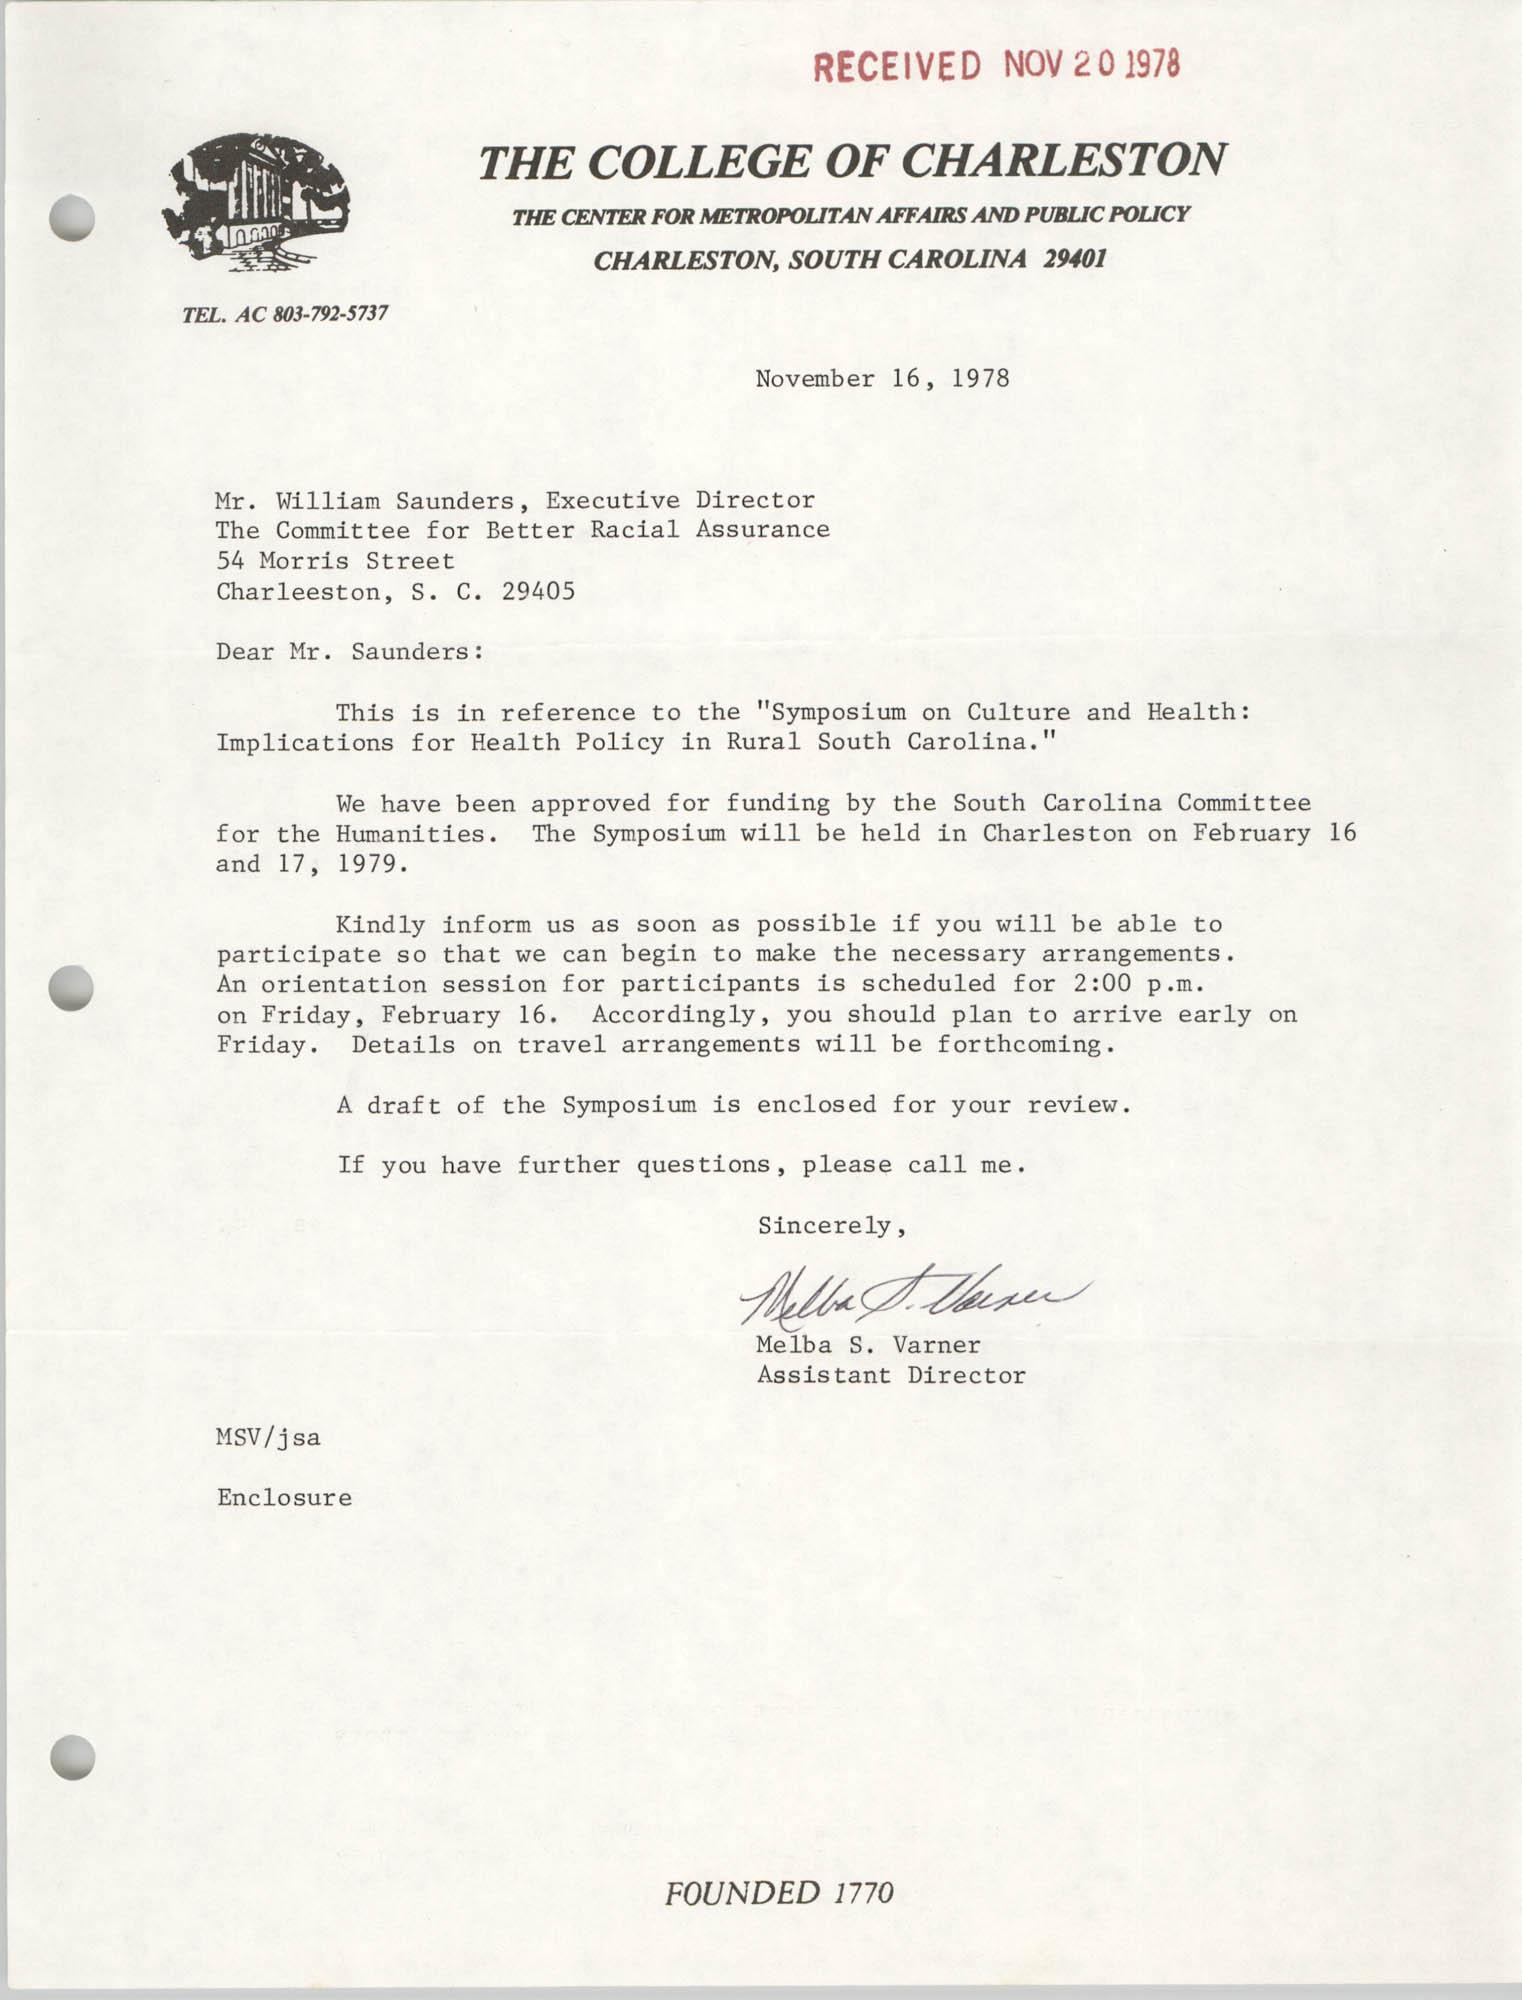 Letter from Melba S. Varner to William Saunders, November 16, 1978